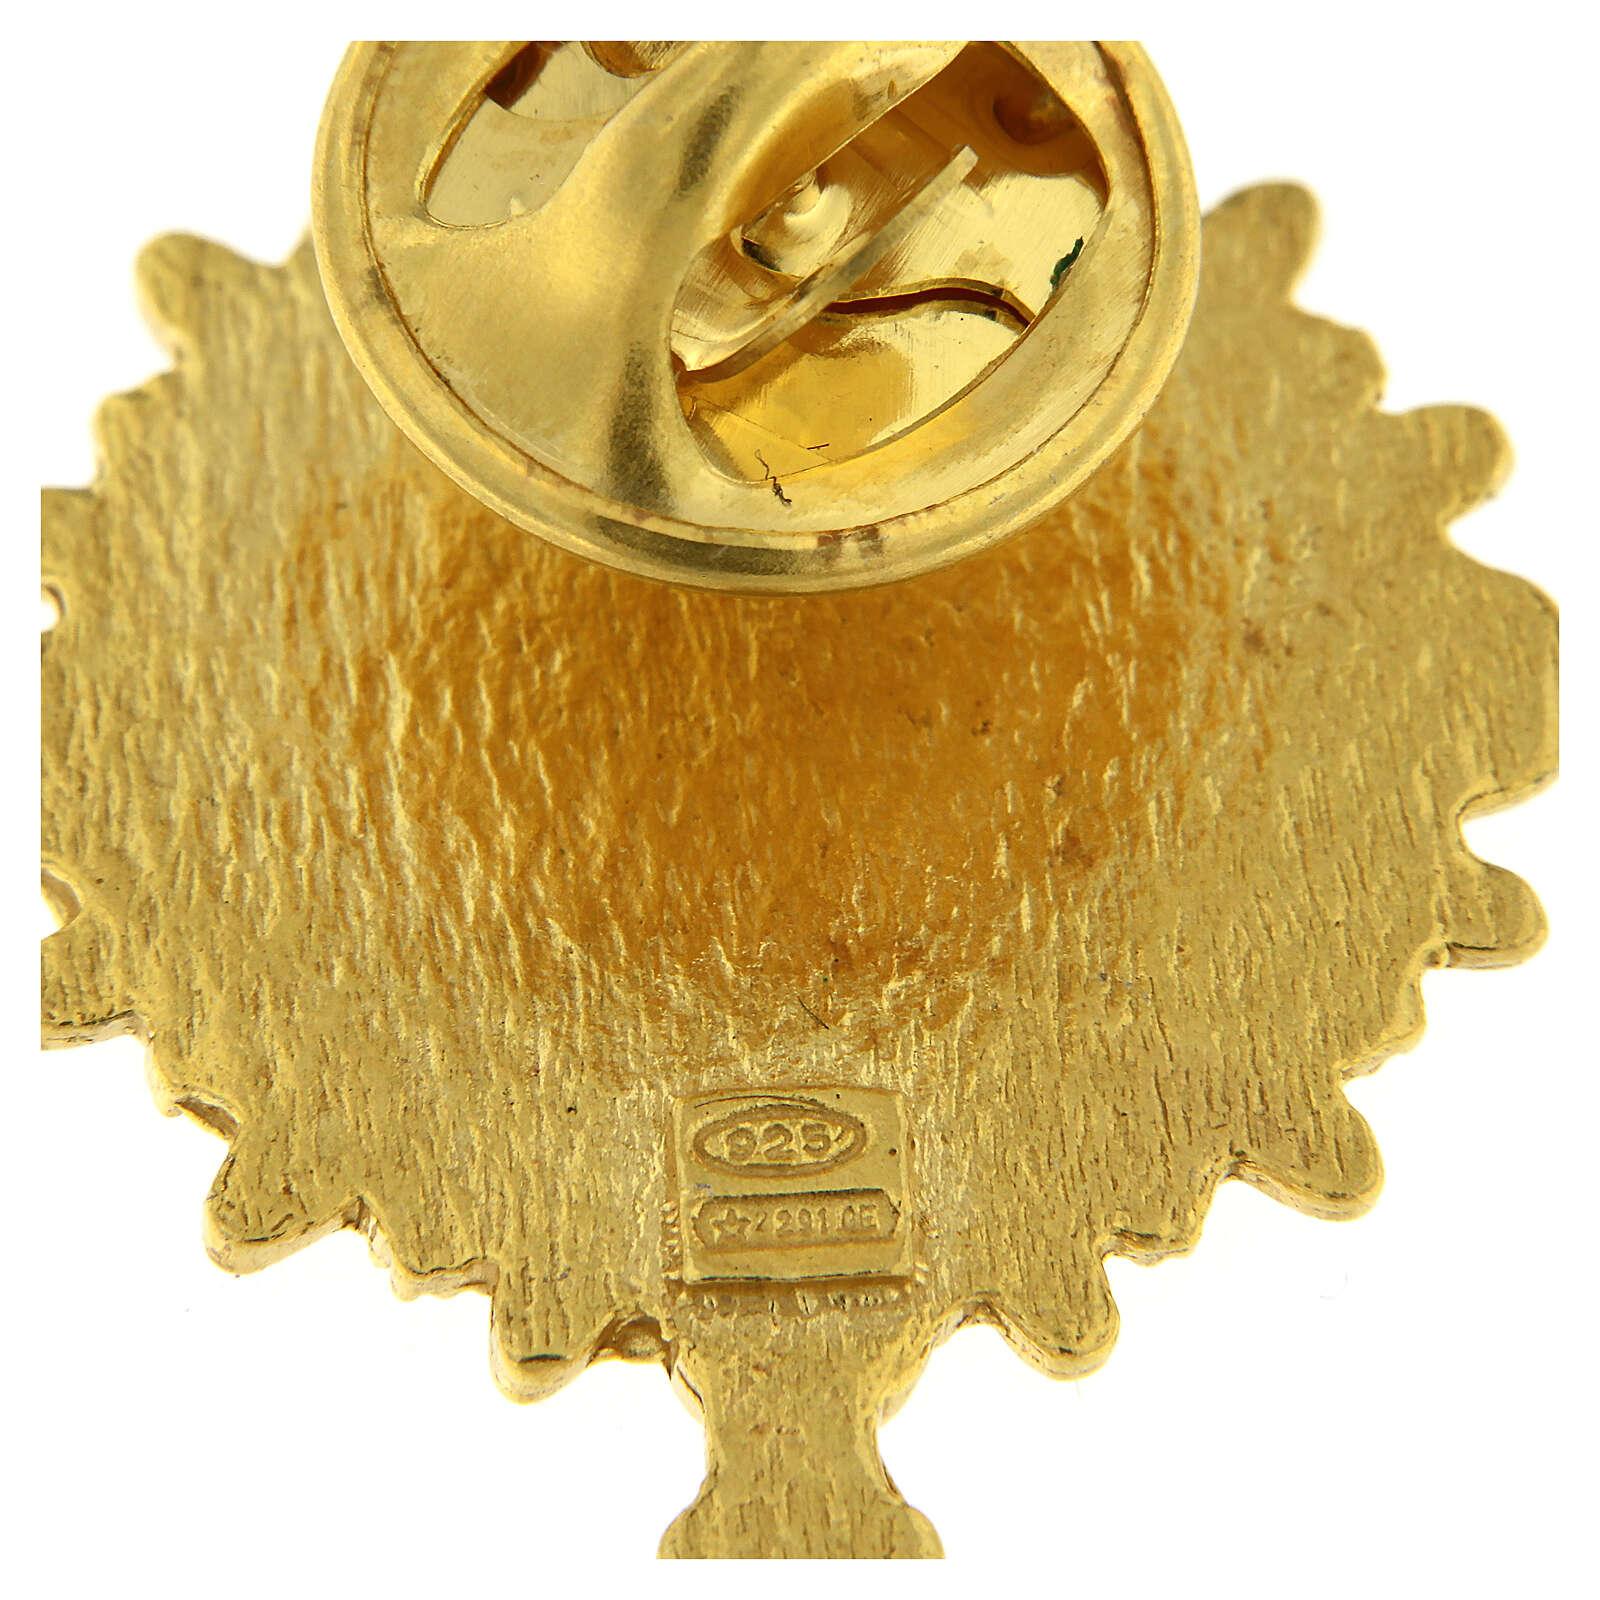 Spilla ostensorio argento 925 dorato smalto bianco IHS 4